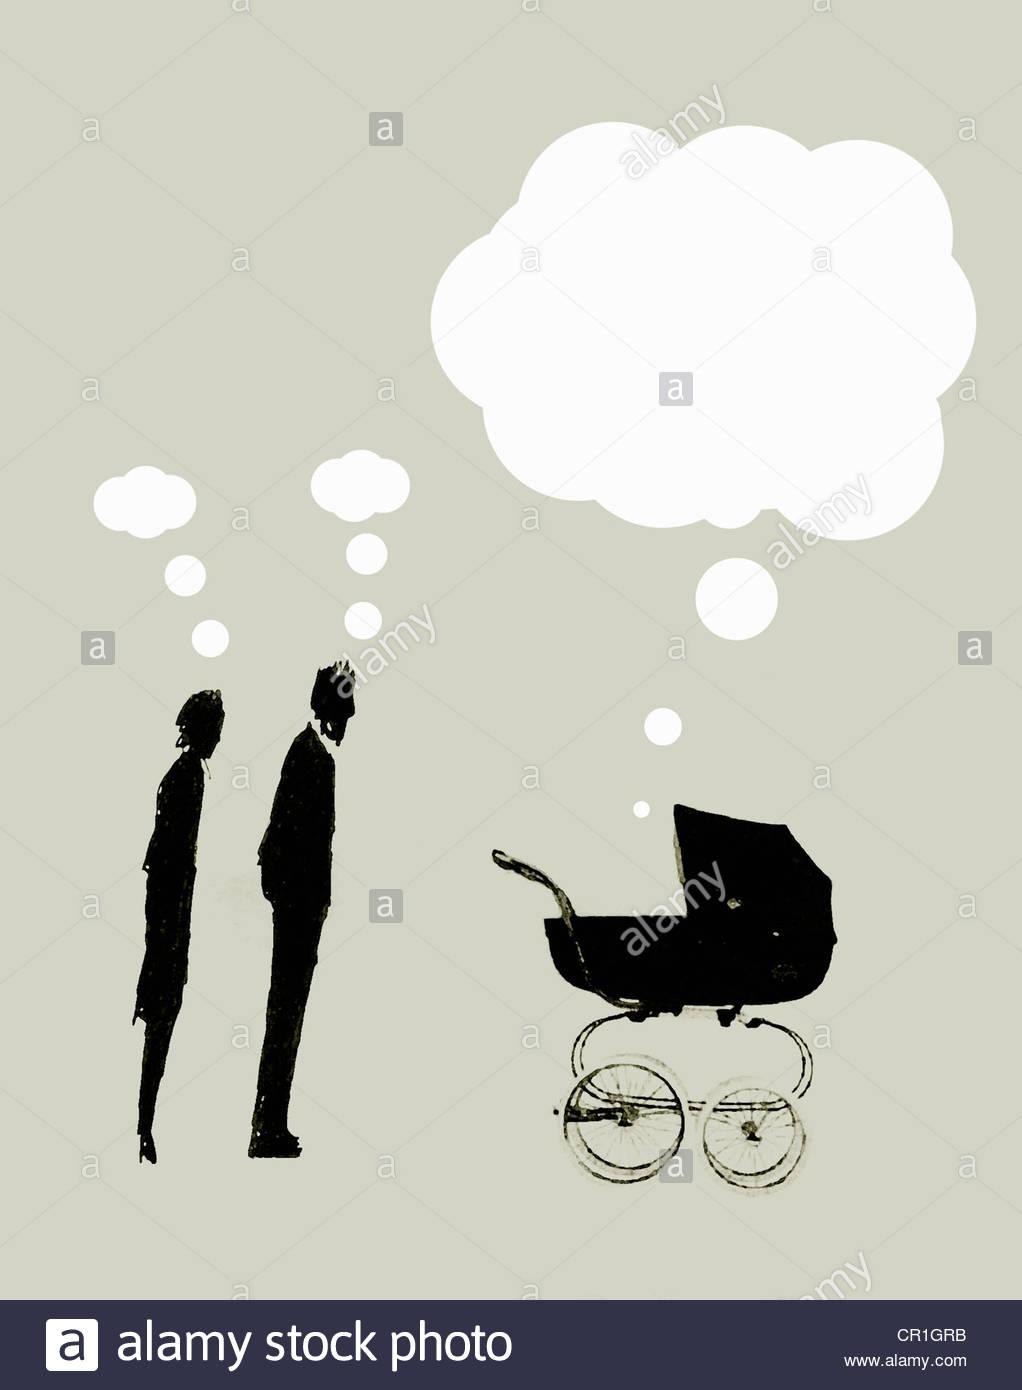 Los padres con pequeñas burbujas sobrecarga mirando pram con grandes burbujas de voz arriba Imagen De Stock